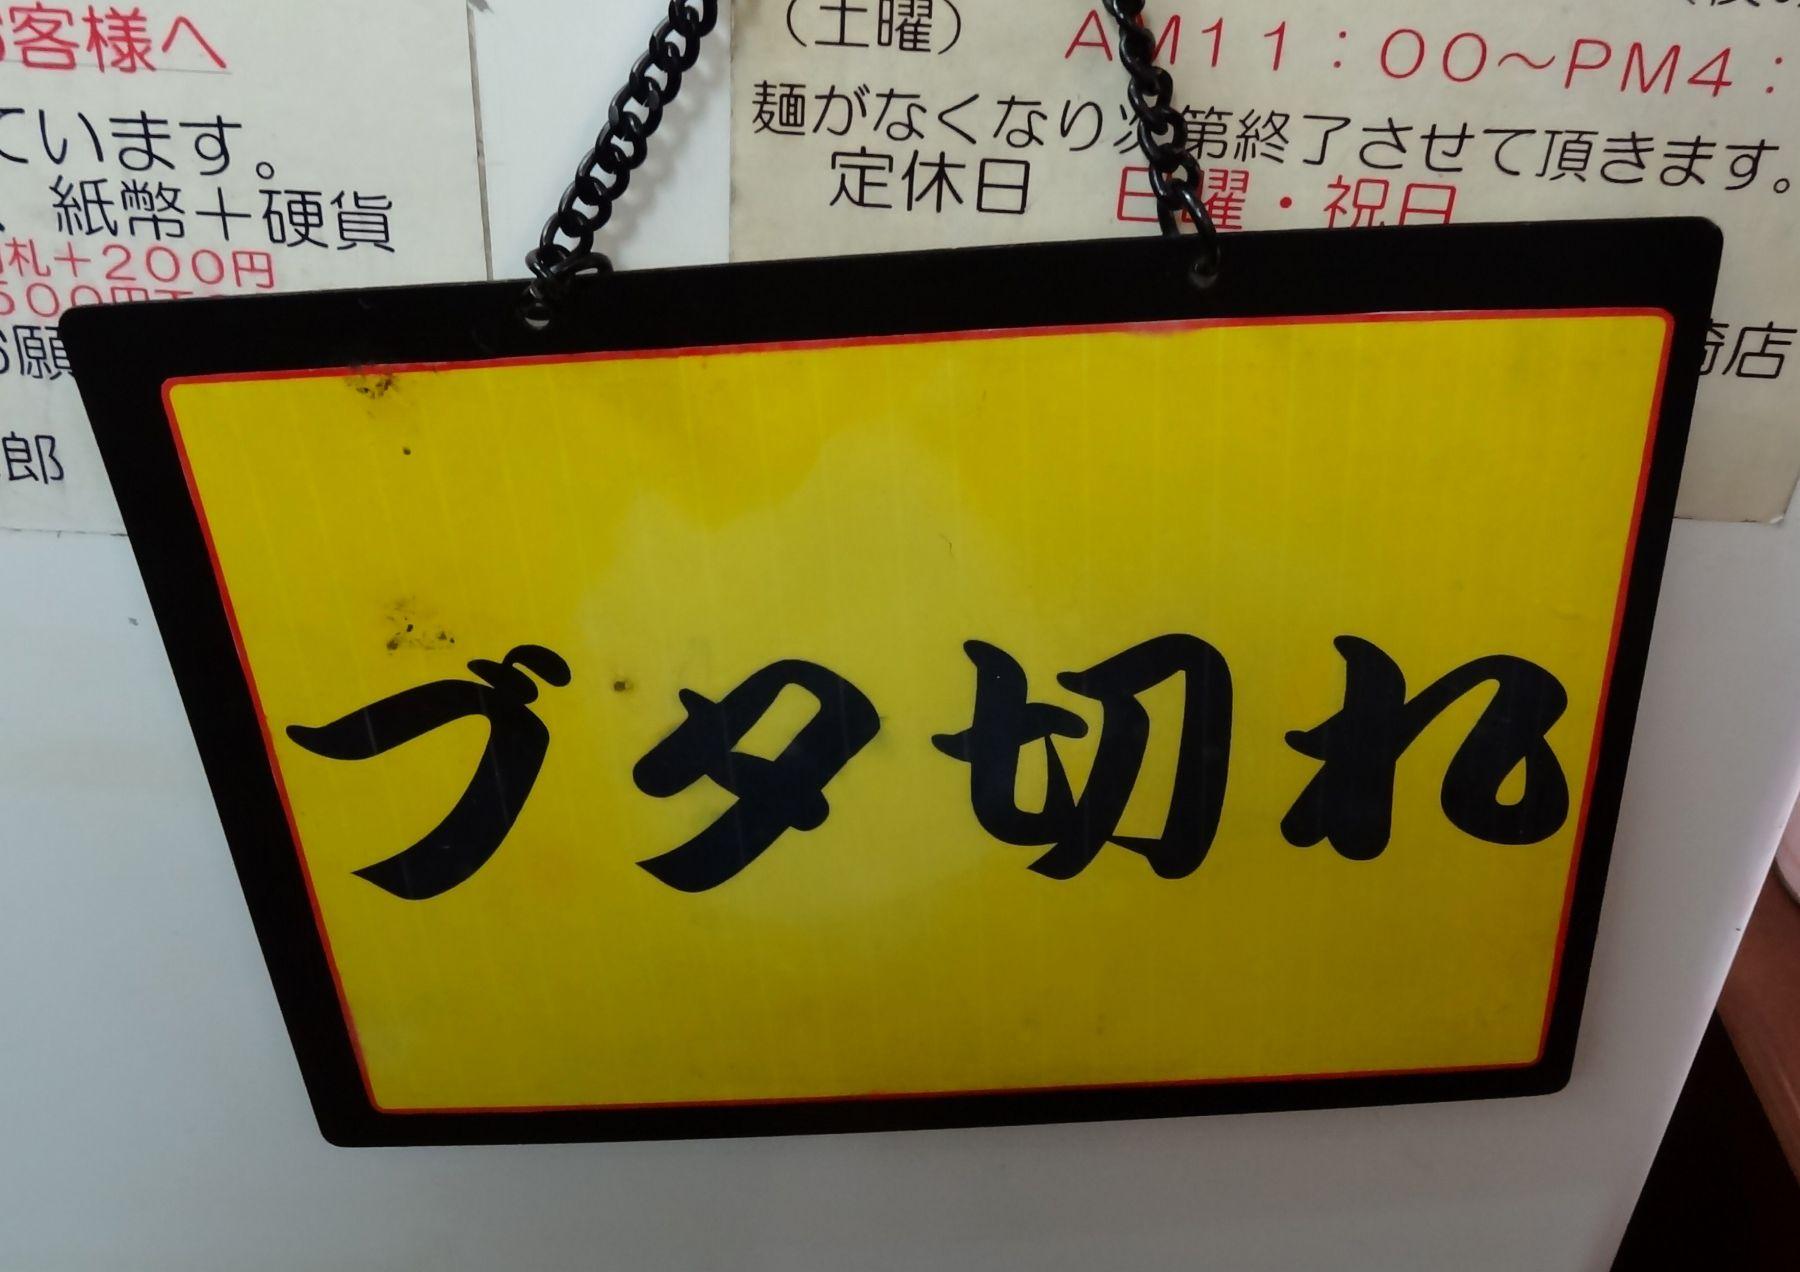 20121105002kawasaki.jpg